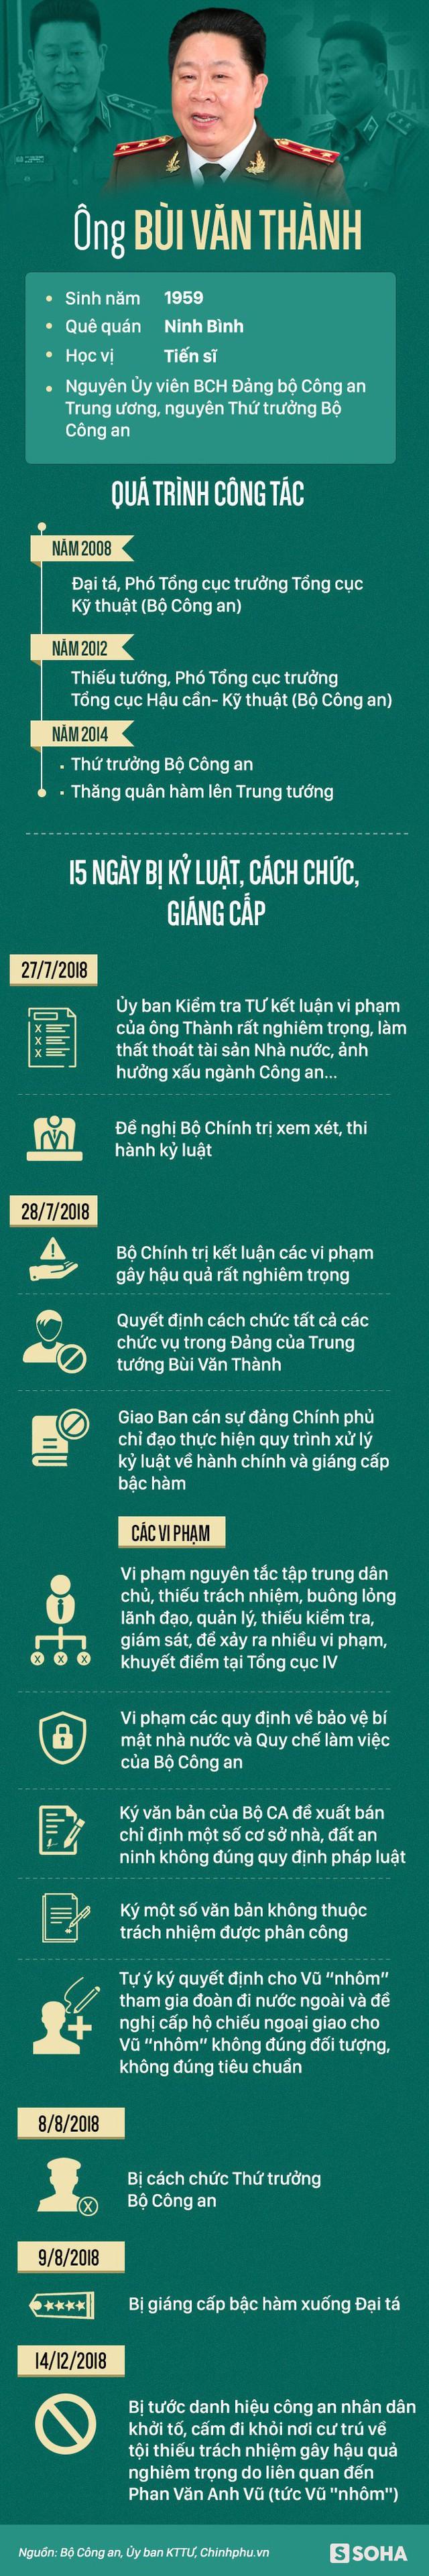 Sự nghiệp của 2 cựu Thứ trưởng Bộ Công an Trần Việt Tân và Bùi Văn Thành vừa bị khởi tố - Ảnh 2.